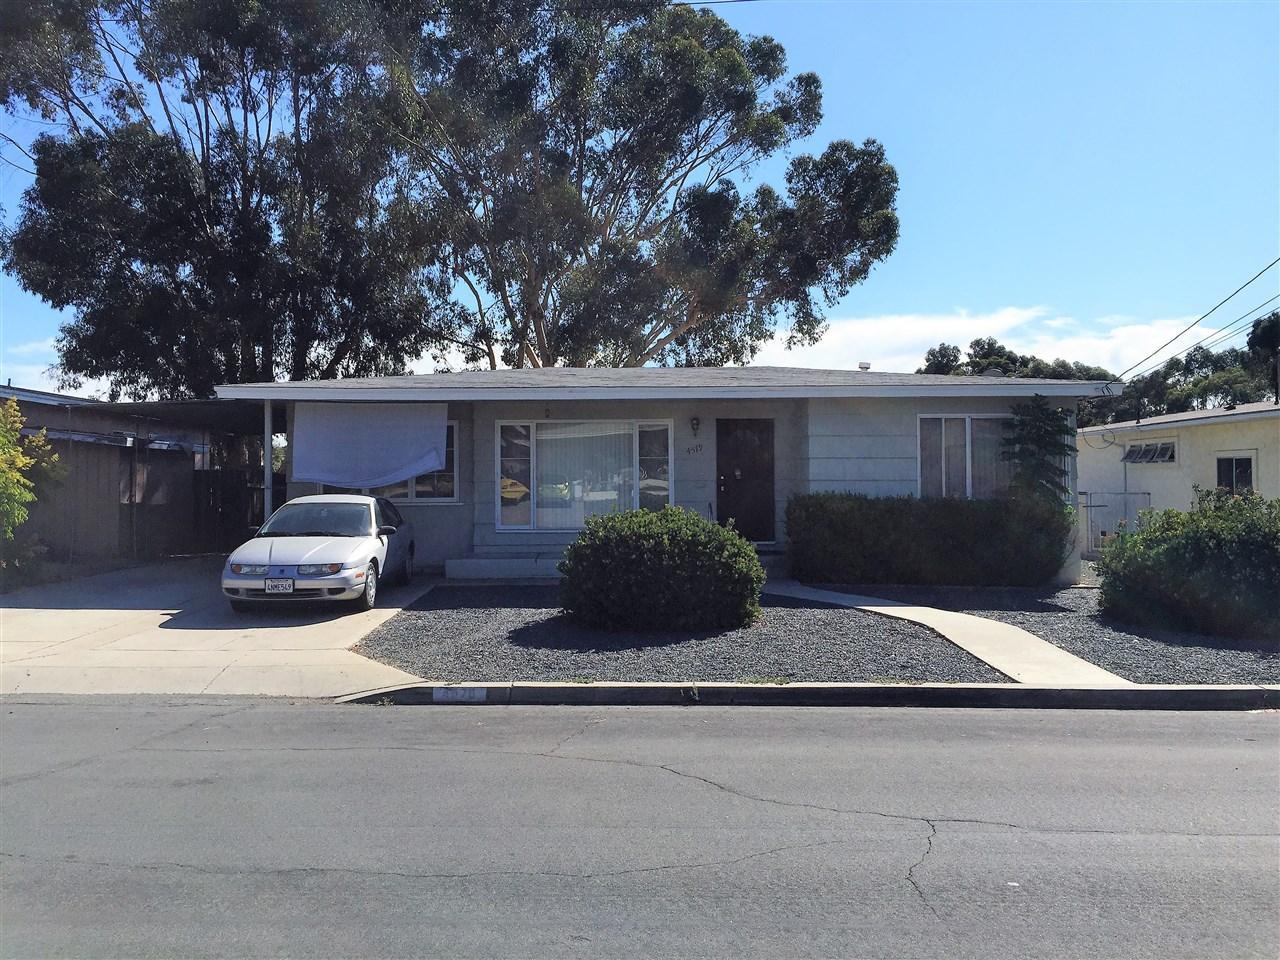 New Homes For Sale In La Mesa Ca